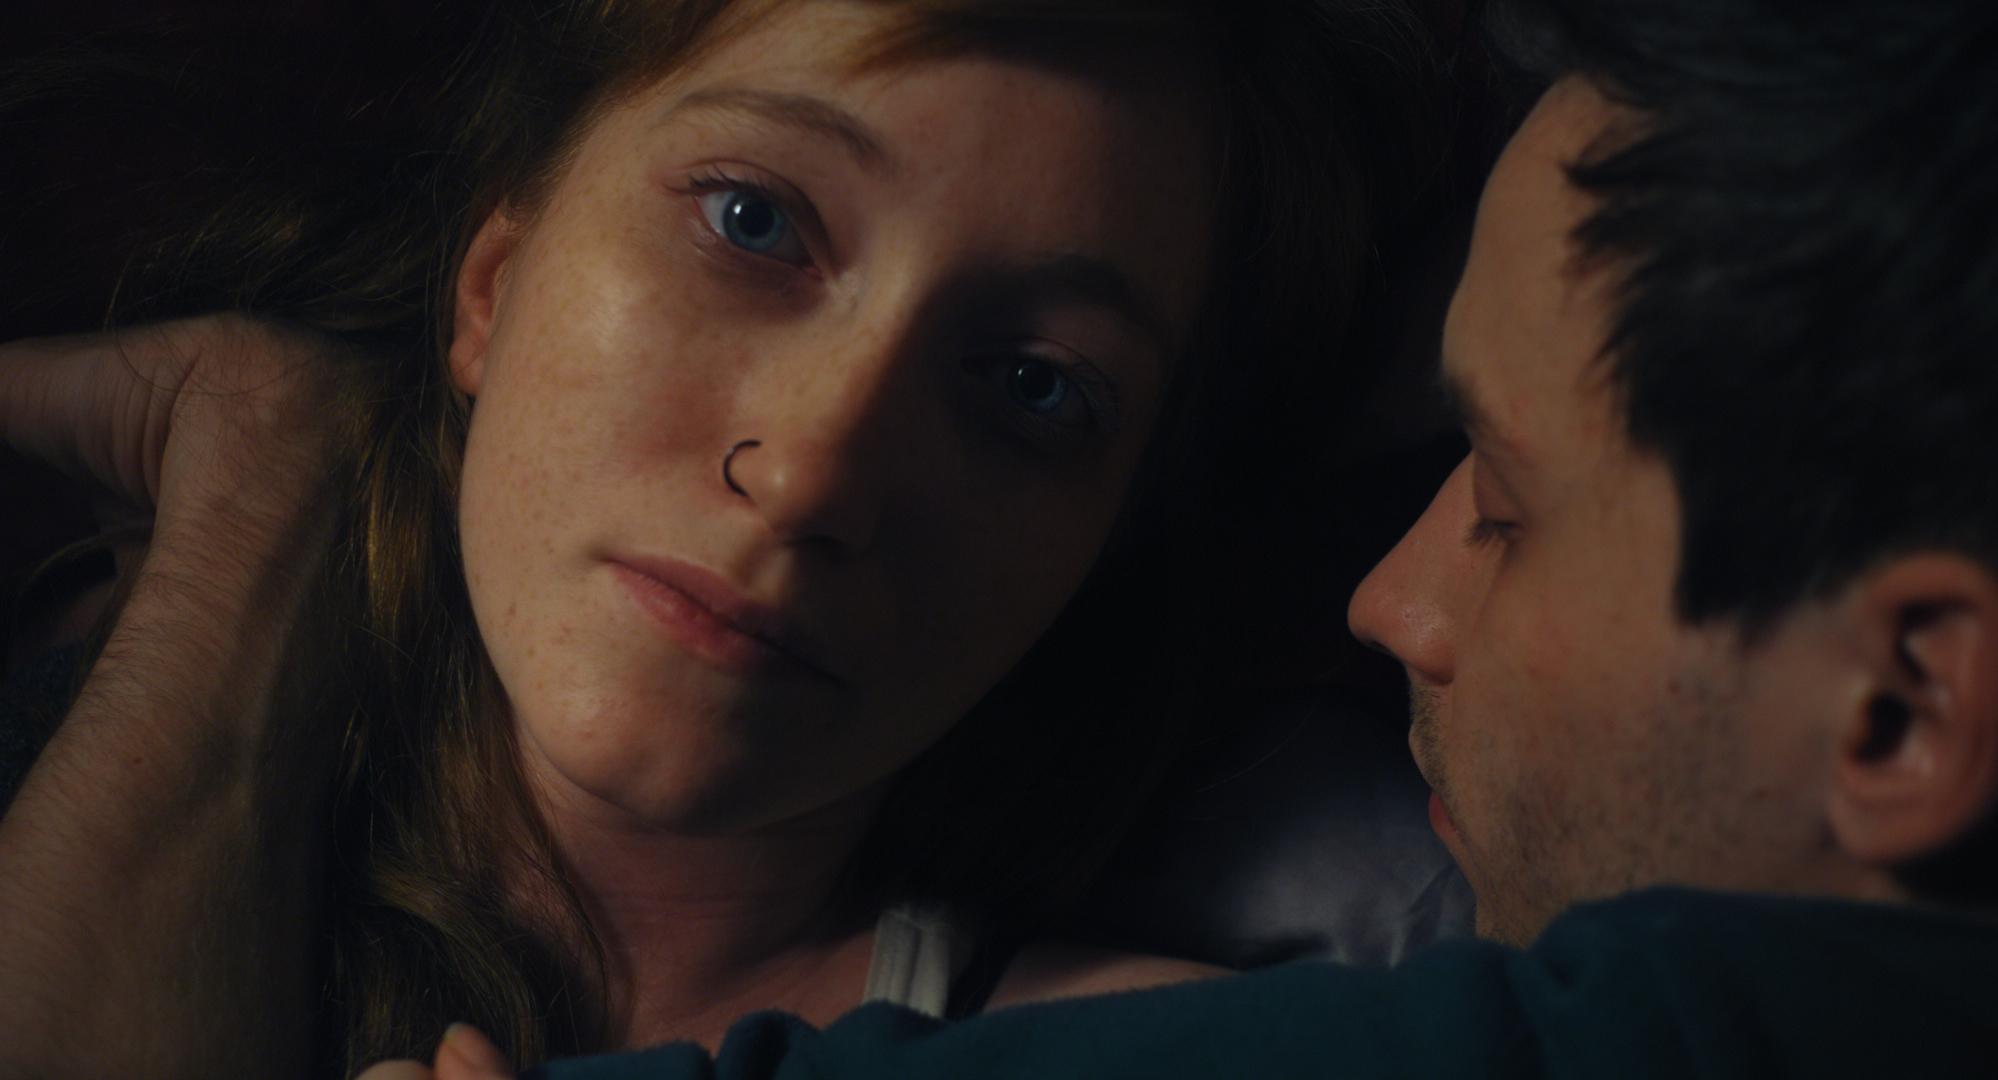 Daniel Helmer and Sarah Kleiner in Erlösung (2014)